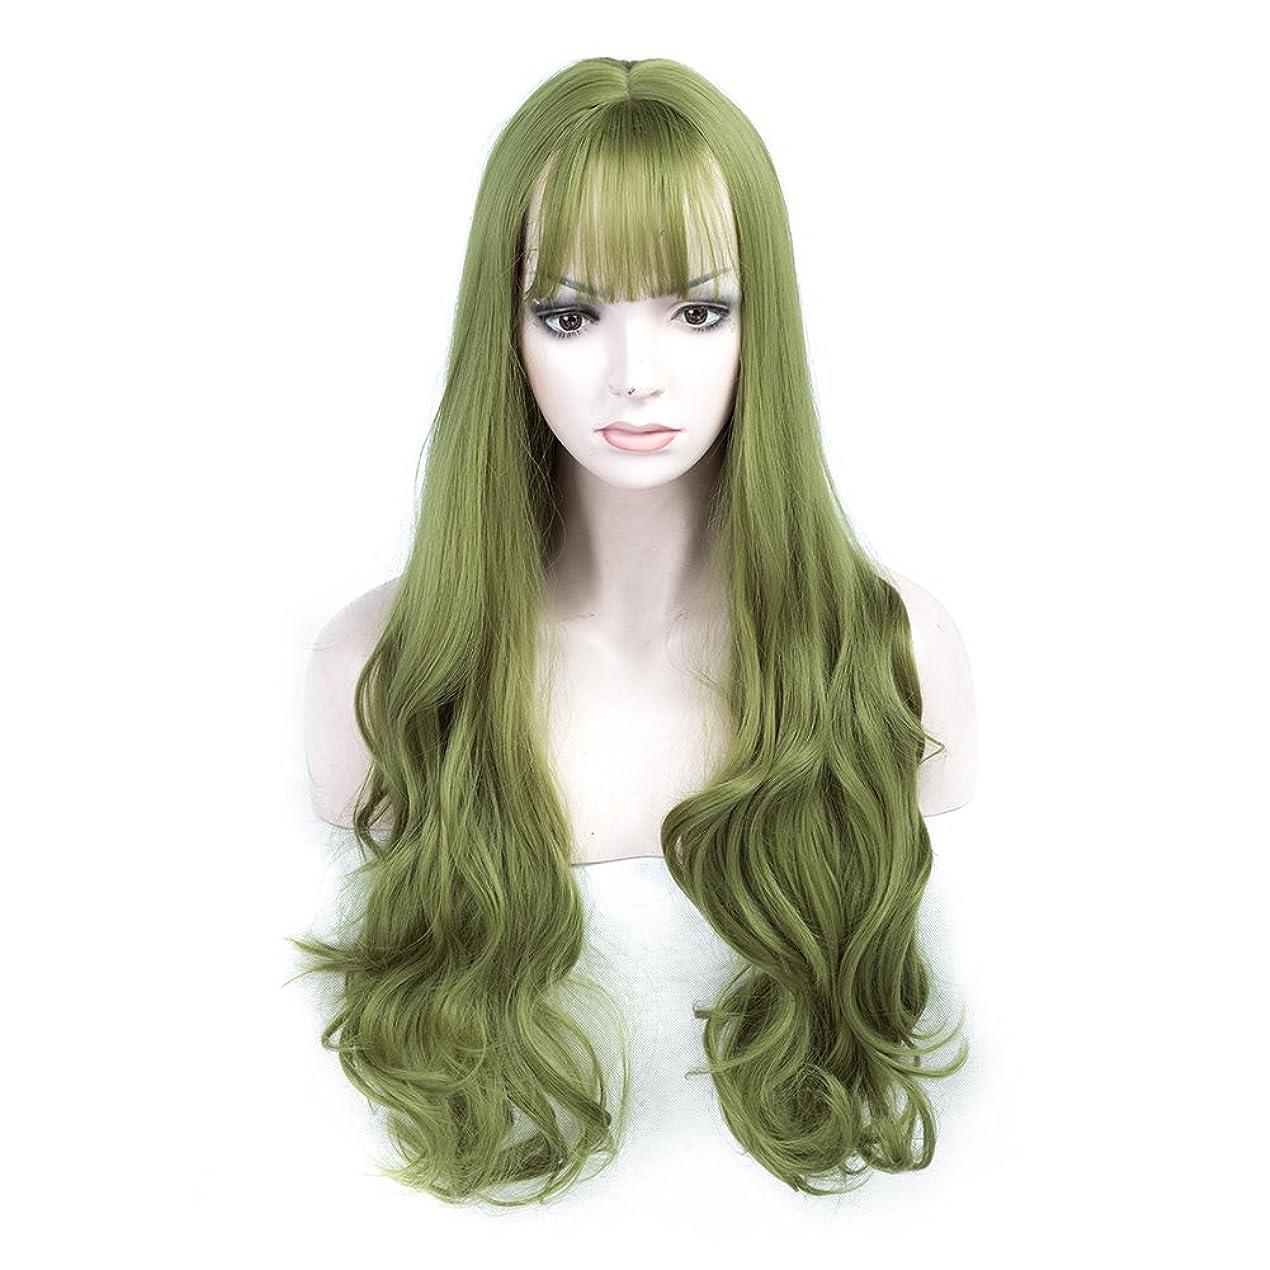 リマークスリムレビュアー女性のためのかつら女性のための緑の合成のヘアピース自然なウイッグウィッグ現実的な見る